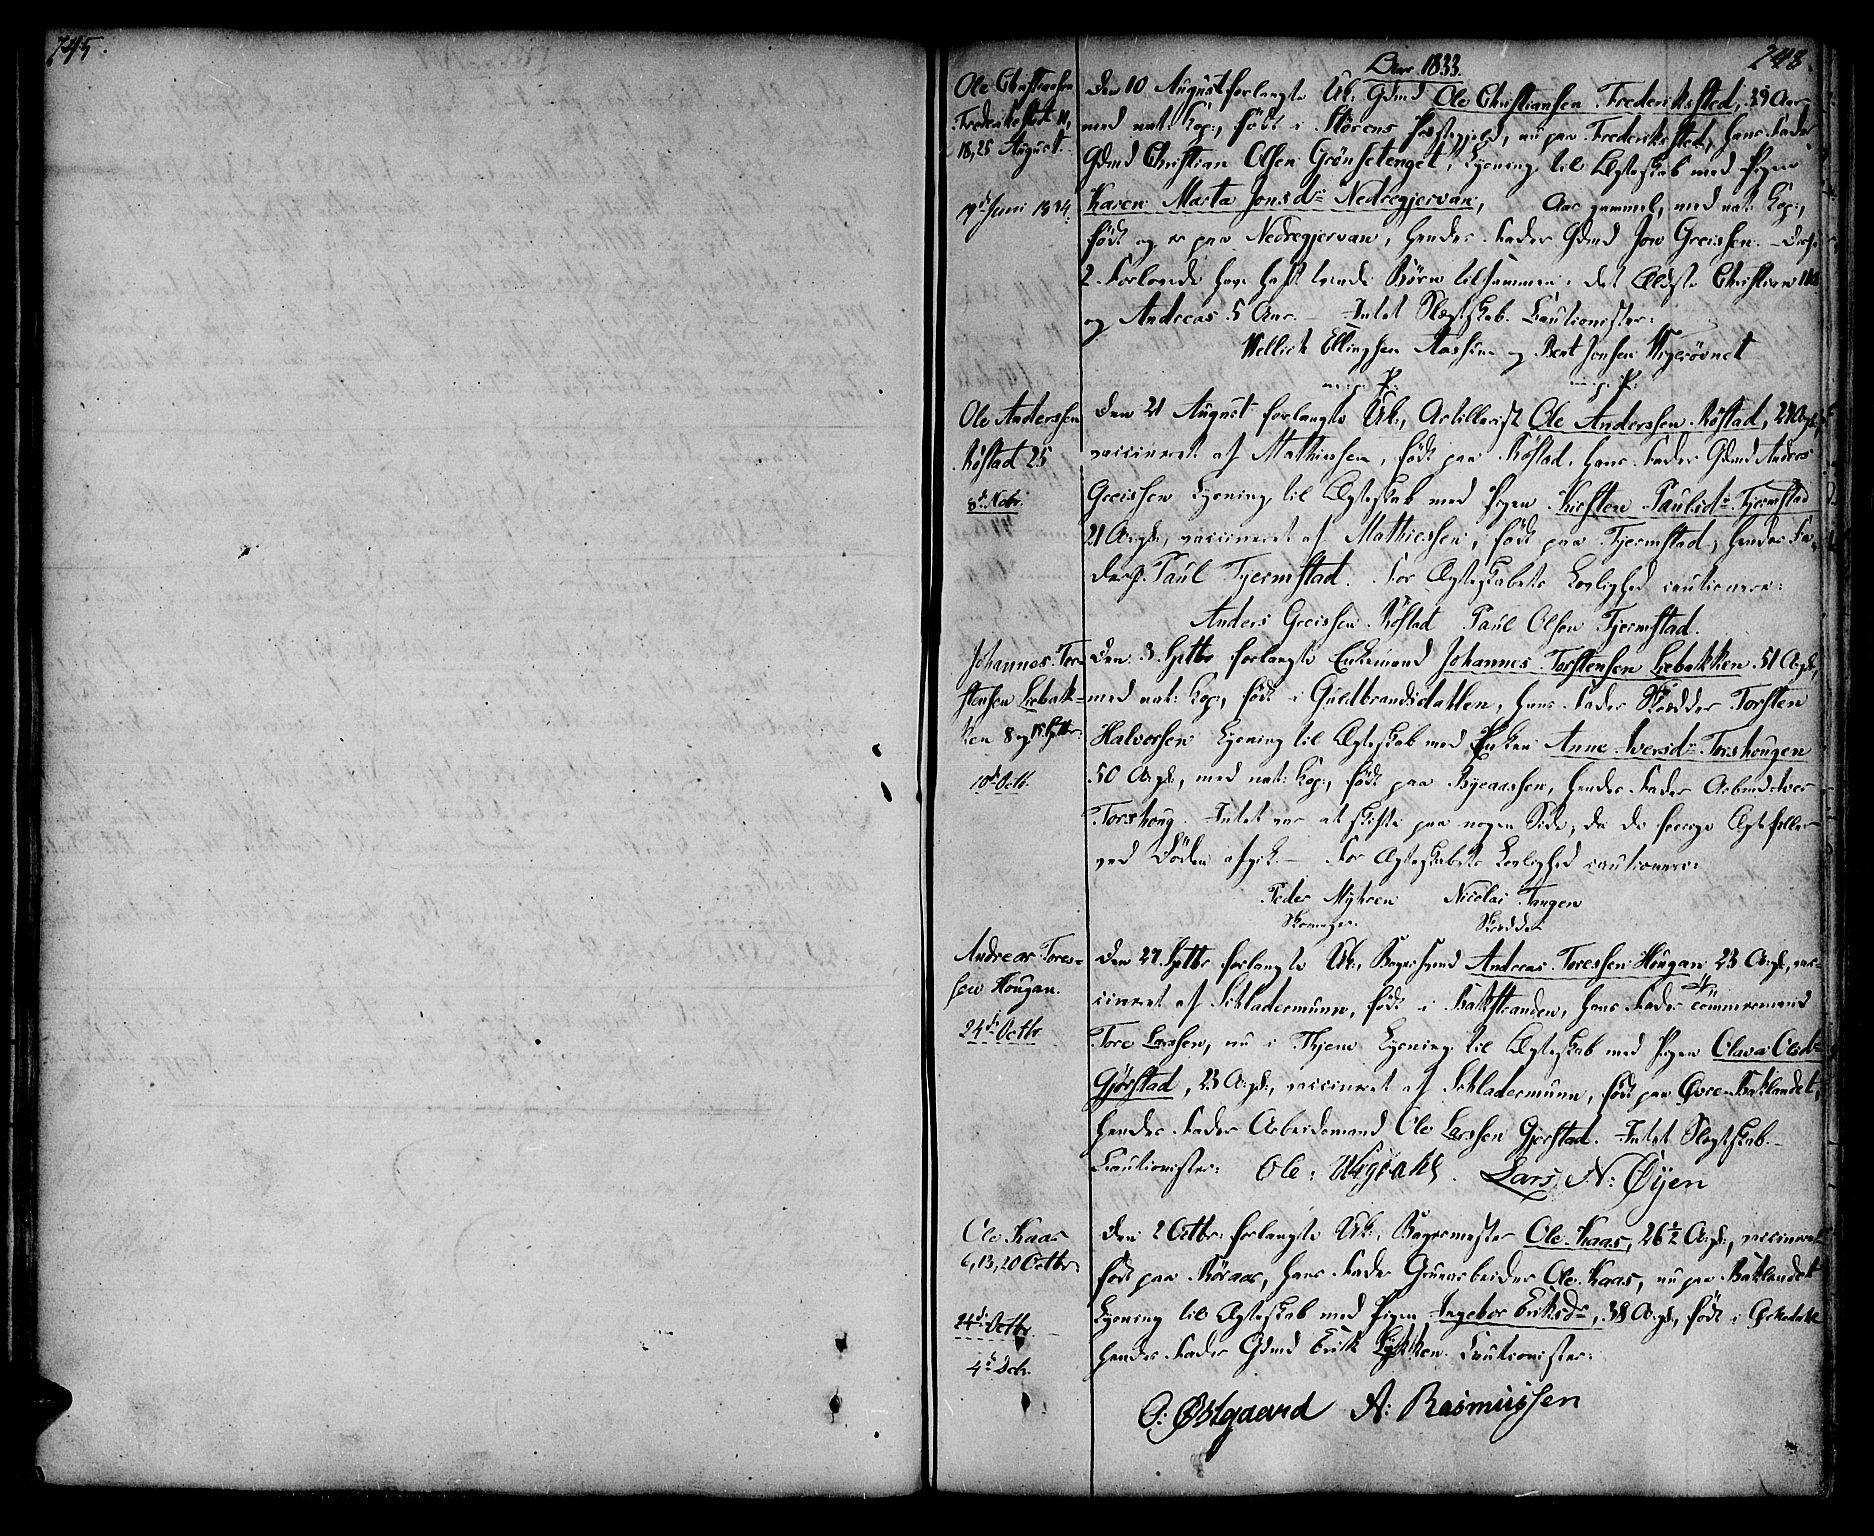 SAT, Ministerialprotokoller, klokkerbøker og fødselsregistre - Sør-Trøndelag, 604/L0181: Ministerialbok nr. 604A02, 1798-1817, s. 247-248